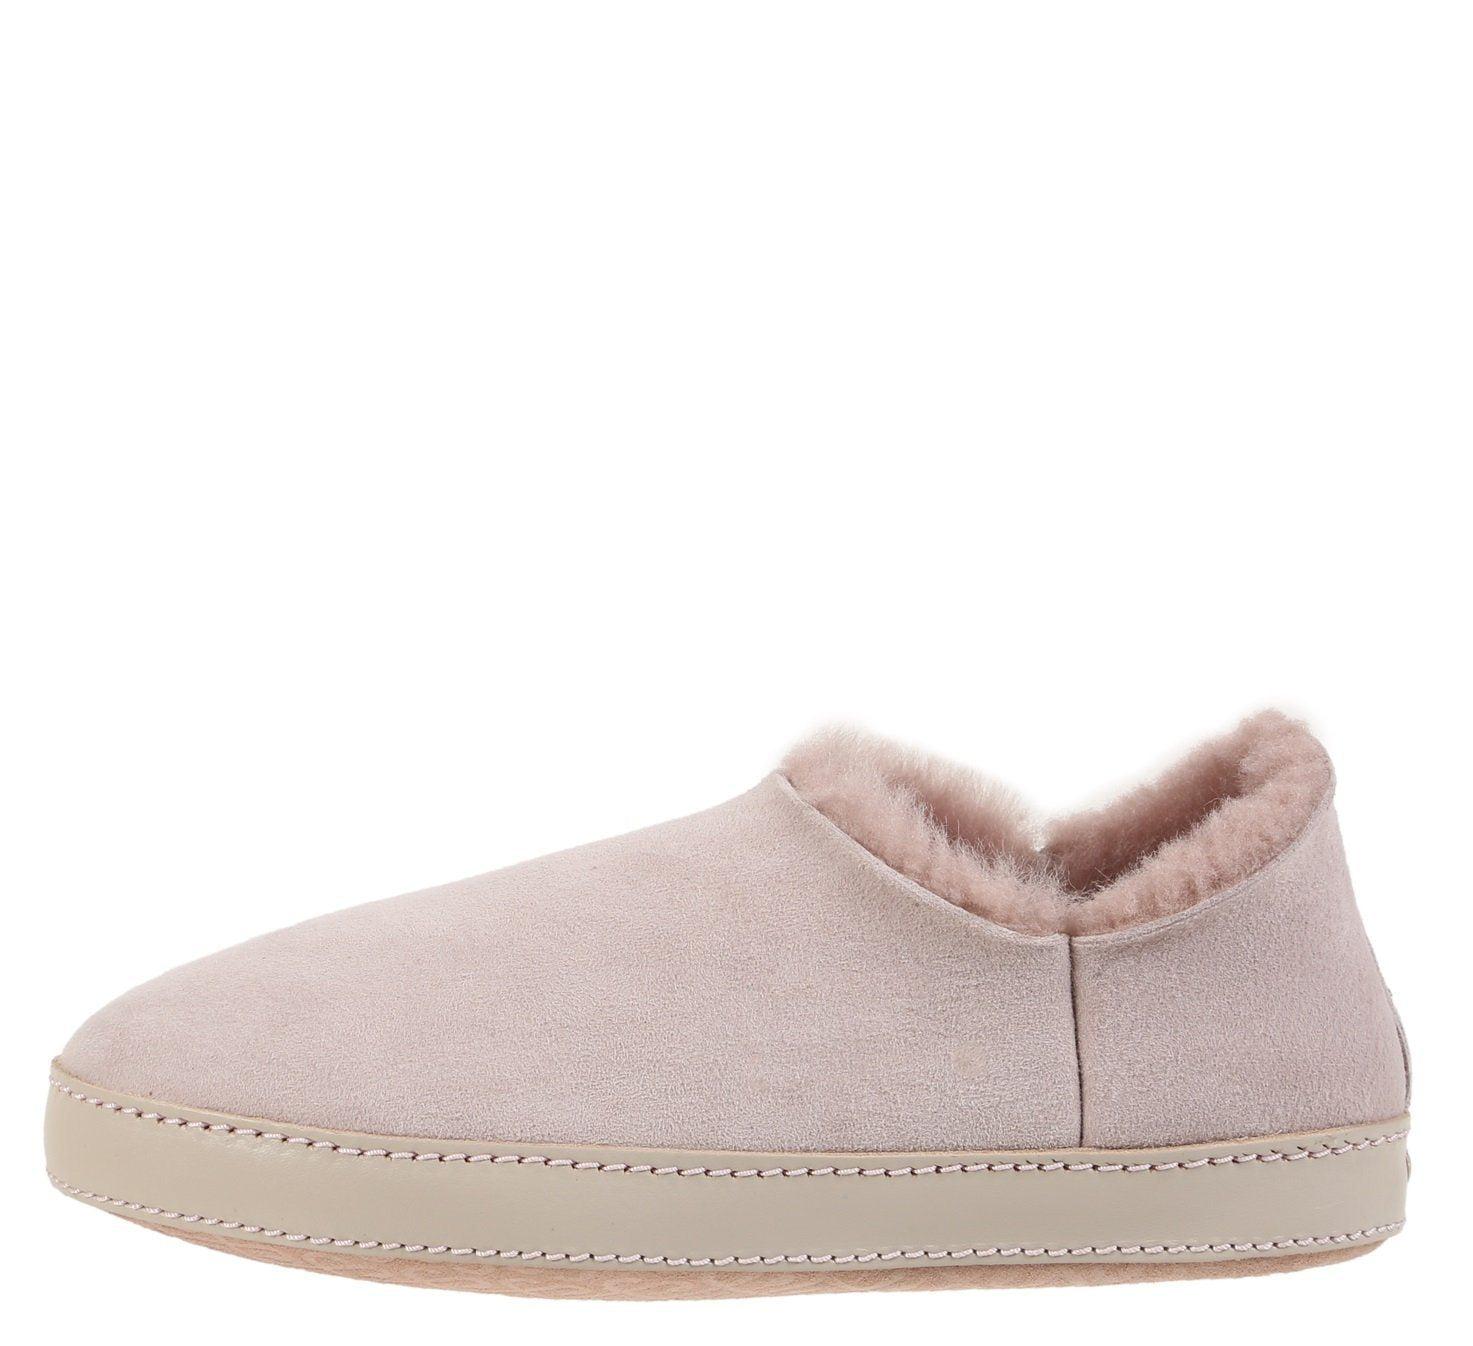 Ross & Snow Kristina New Desert Rose Slipper - Discount Italian Shoes